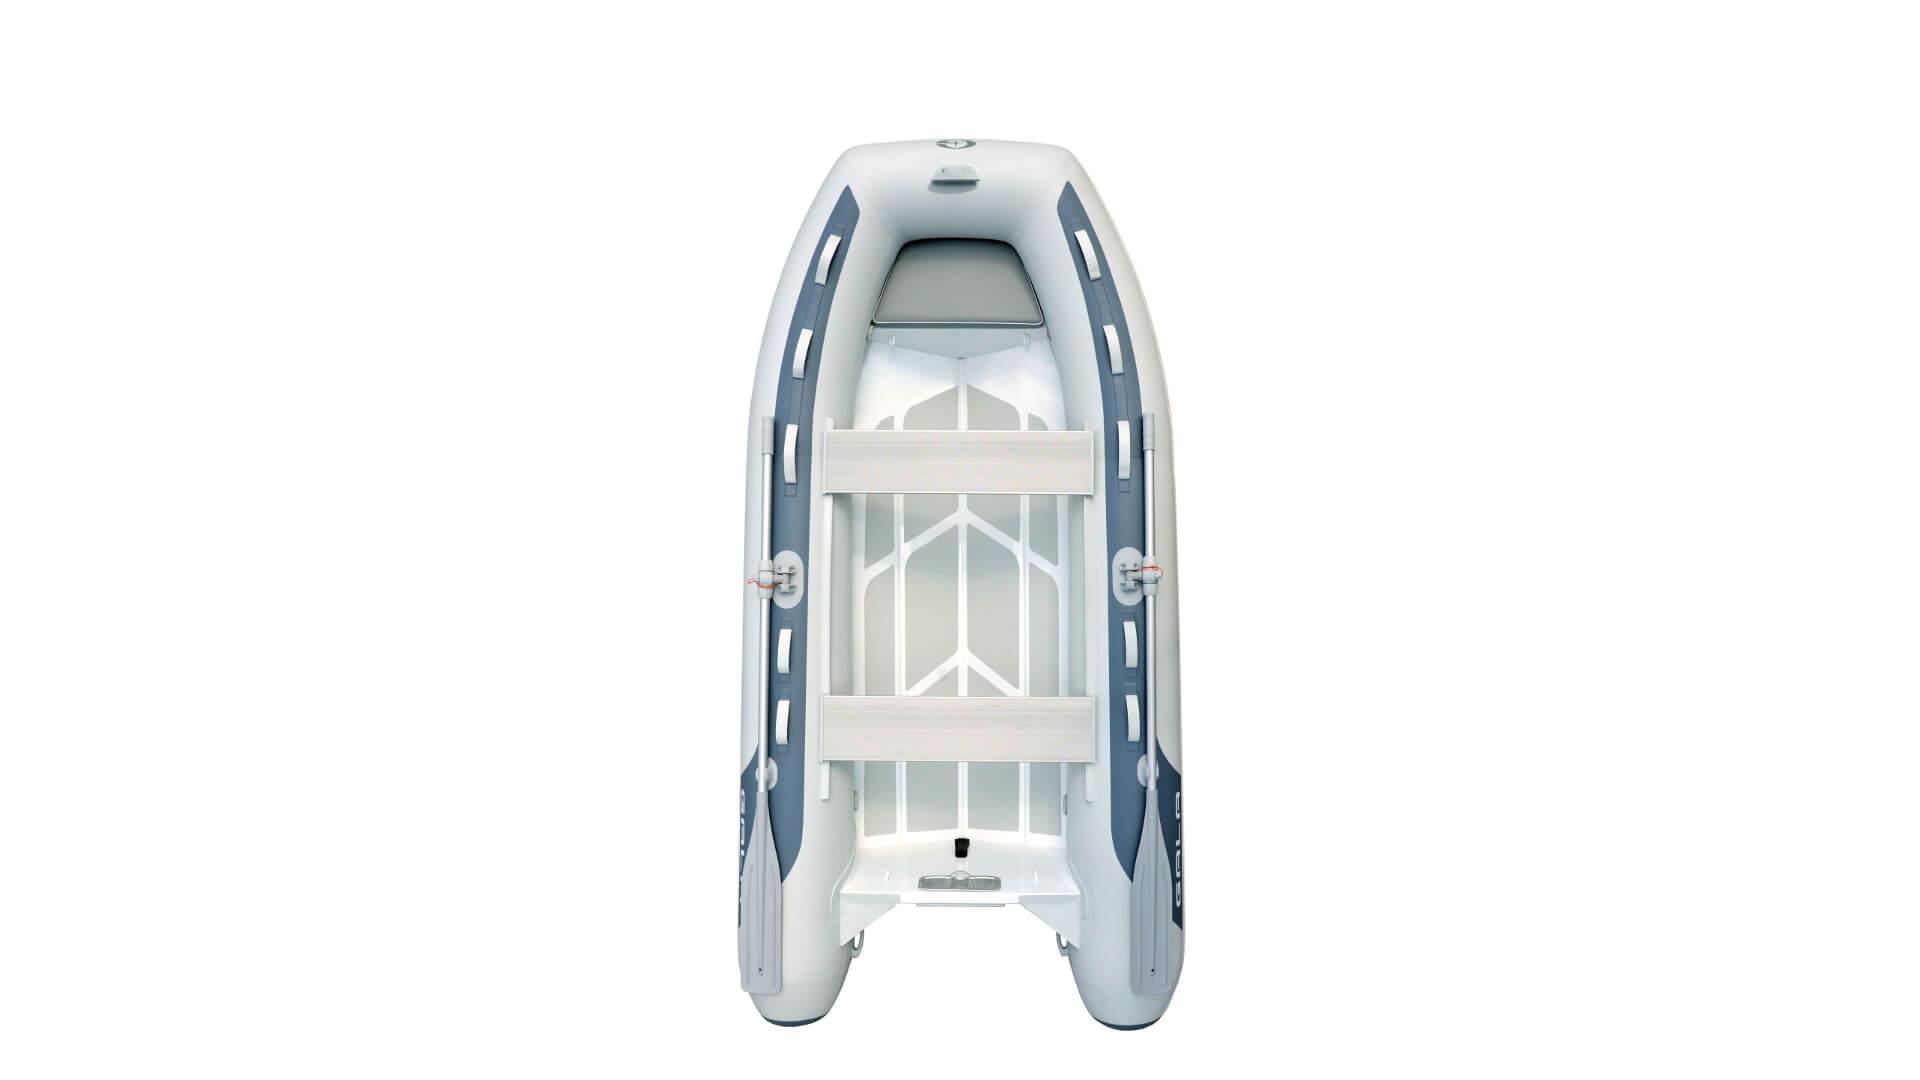 Надувная лодка с жестким алюминиевым дном GALA Atlantis A330, Надувная лодка с жестким дном GALA Atlantis A330, Надувная лодка с жестким дном GALA A330, Надувная лодка GALA A330 , Надувная лодка GALA A330, GALA A330, лодка с жестким дном, алюминиевый риб, алюминиевый RIB, RIB, тендерная лодка, тендер для яхты